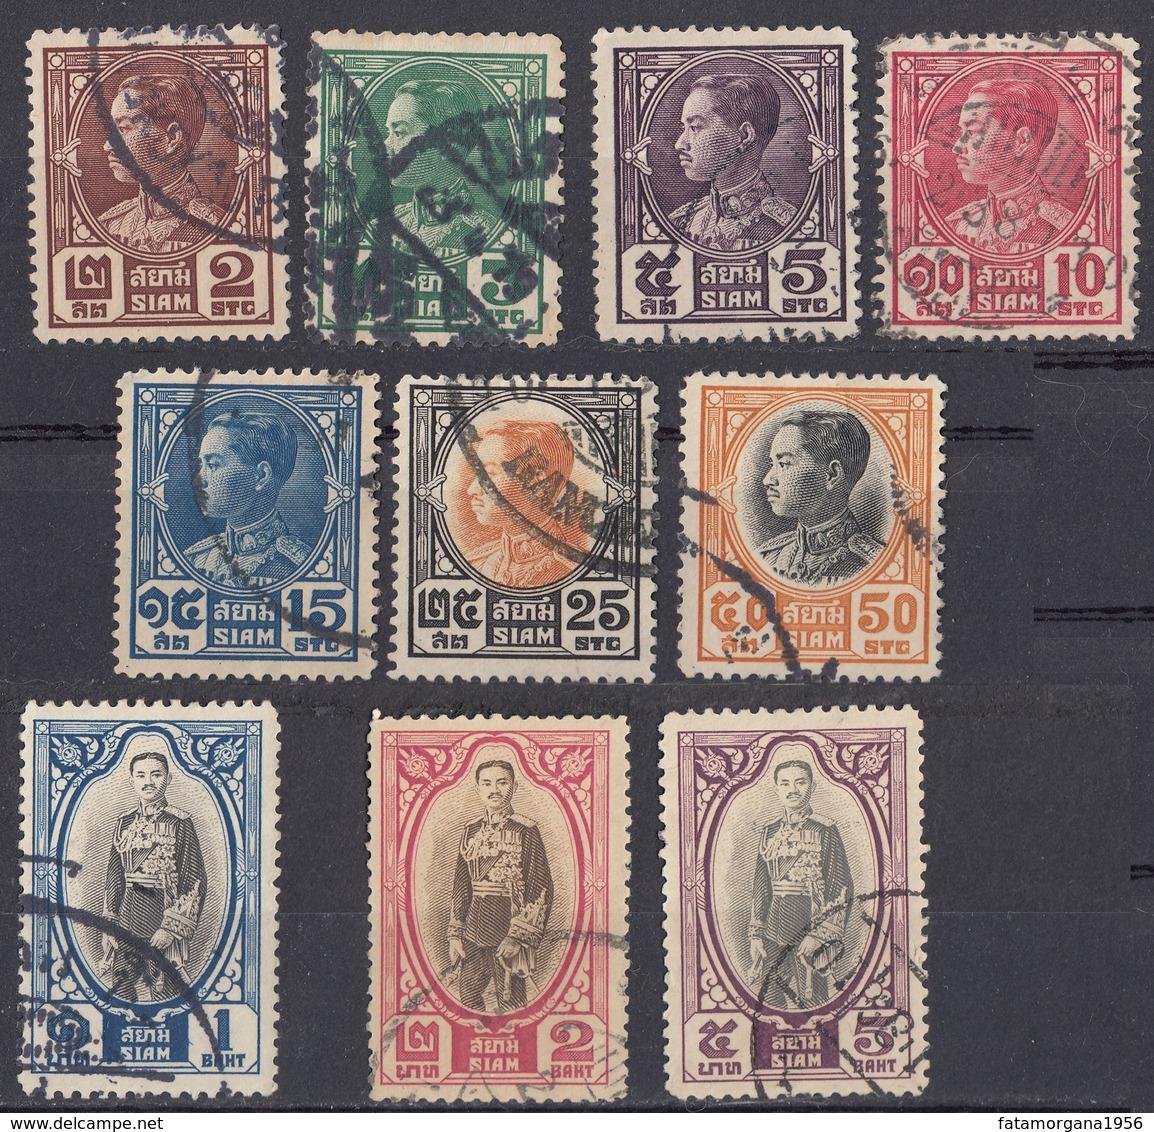 SIAM - 1928 - Lotto Di 10 Valori Usati: Yvert 193/199, 200, 201 E 203. - Siam